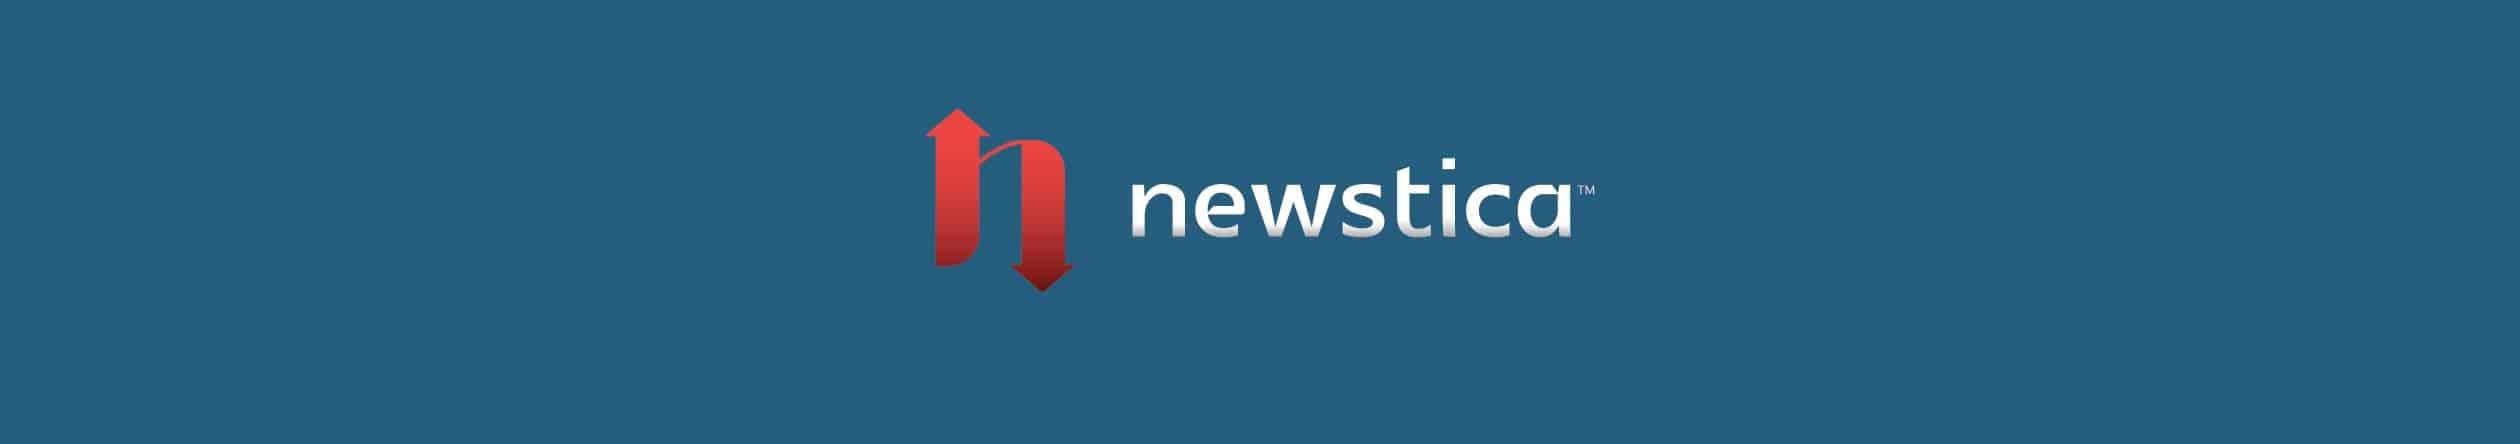 newstica-04